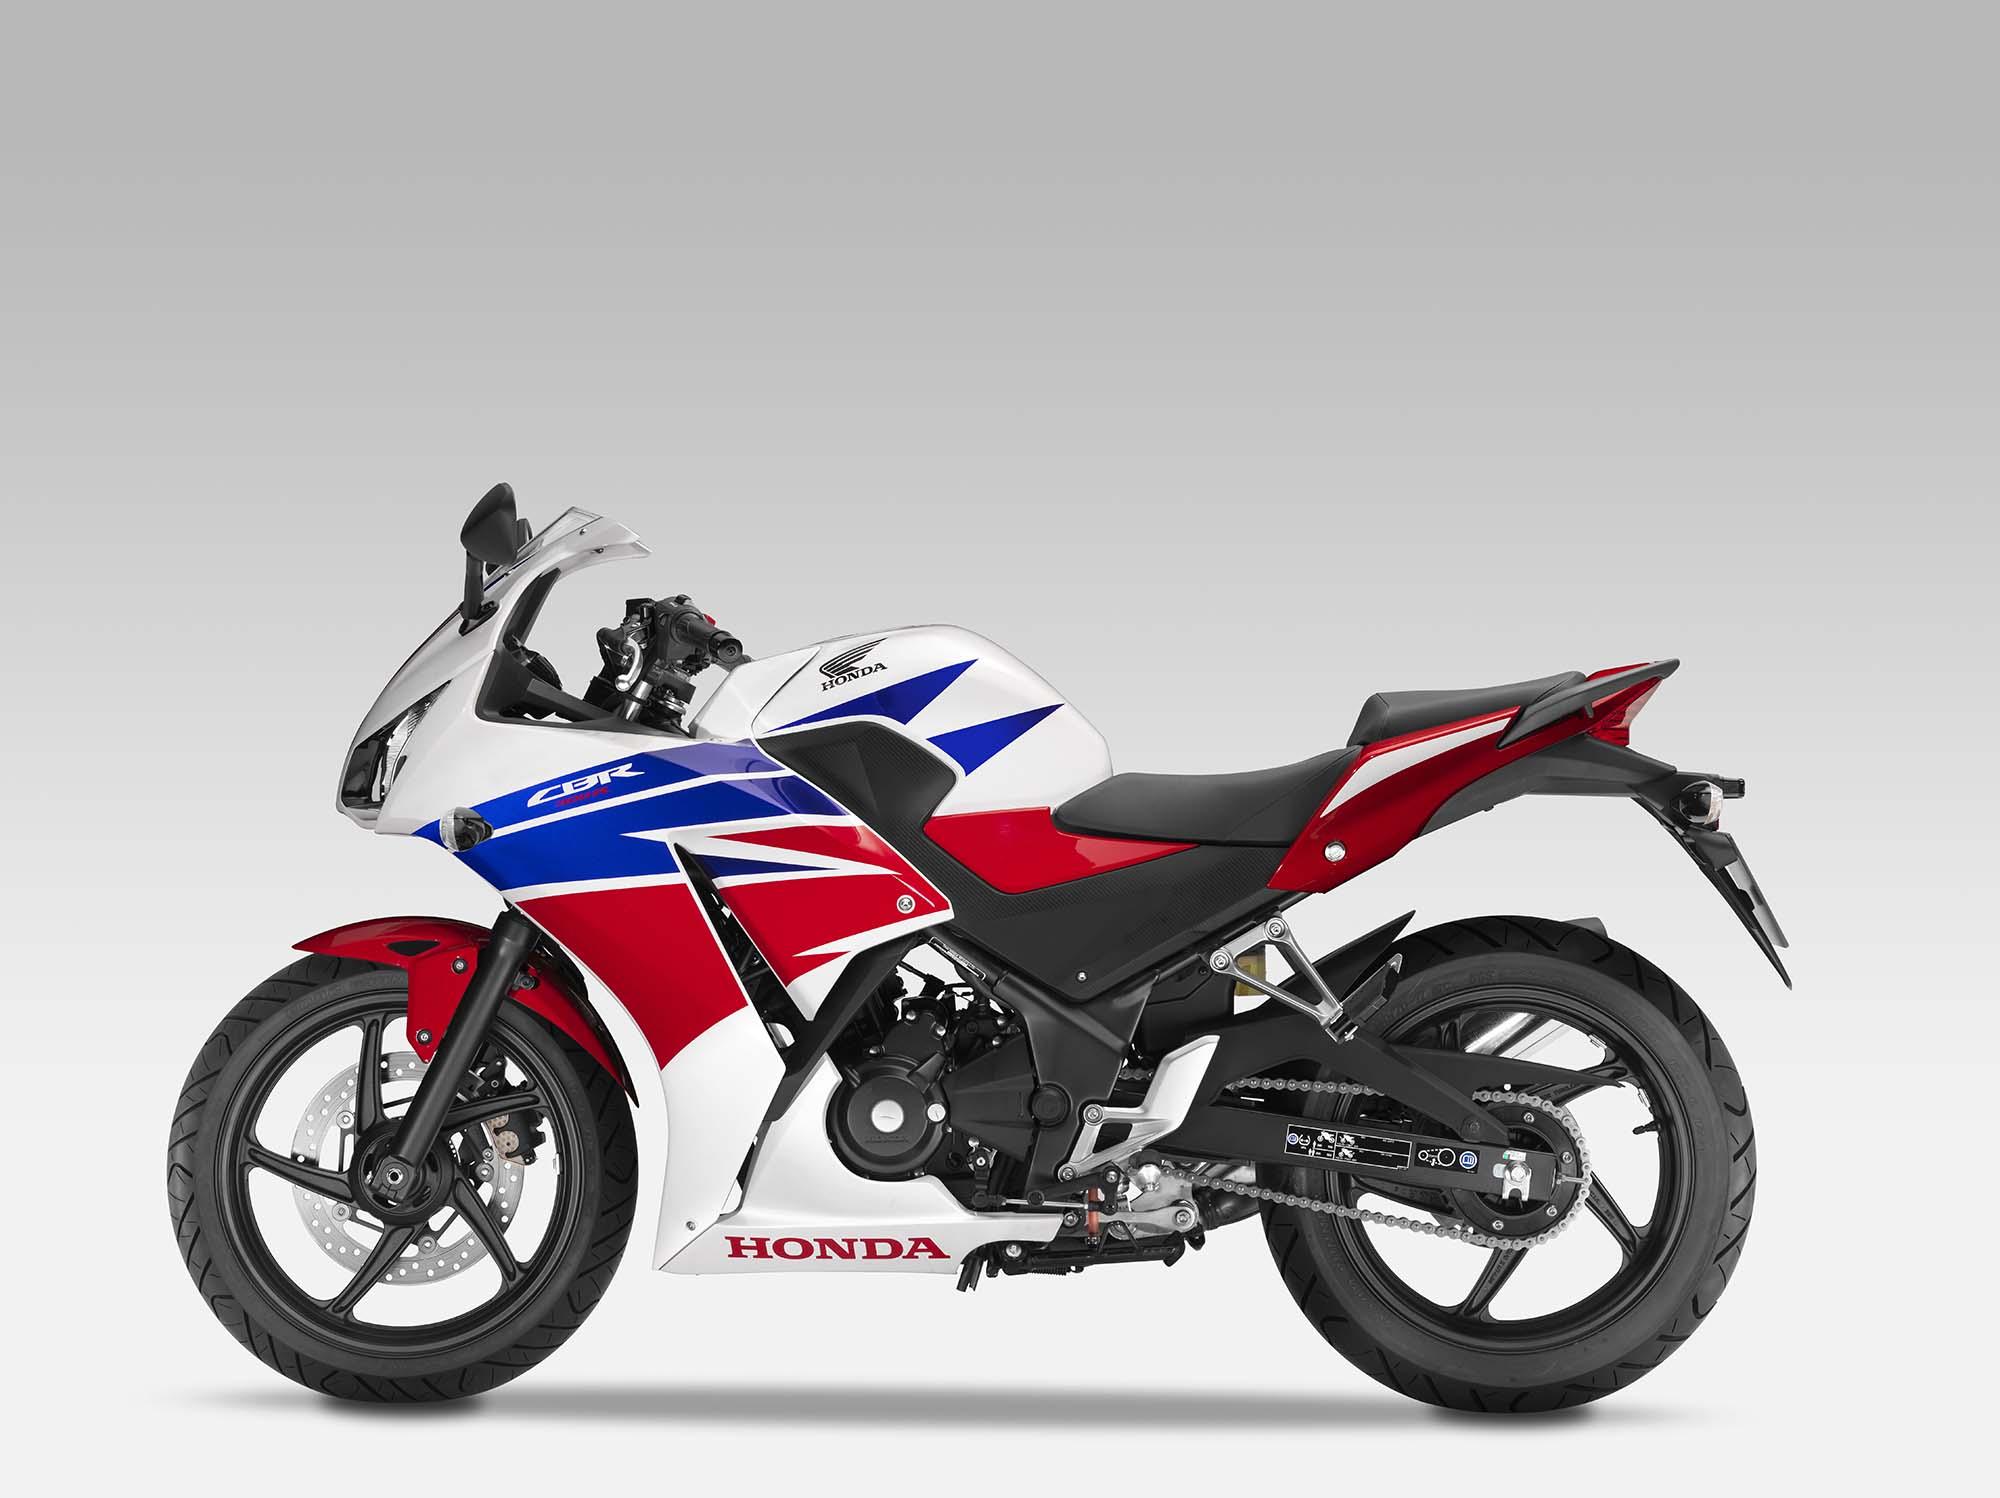 Honda cbr 2014 sports super sports bike photo - 2014 Honda Cbr300r Sportsbike India 001